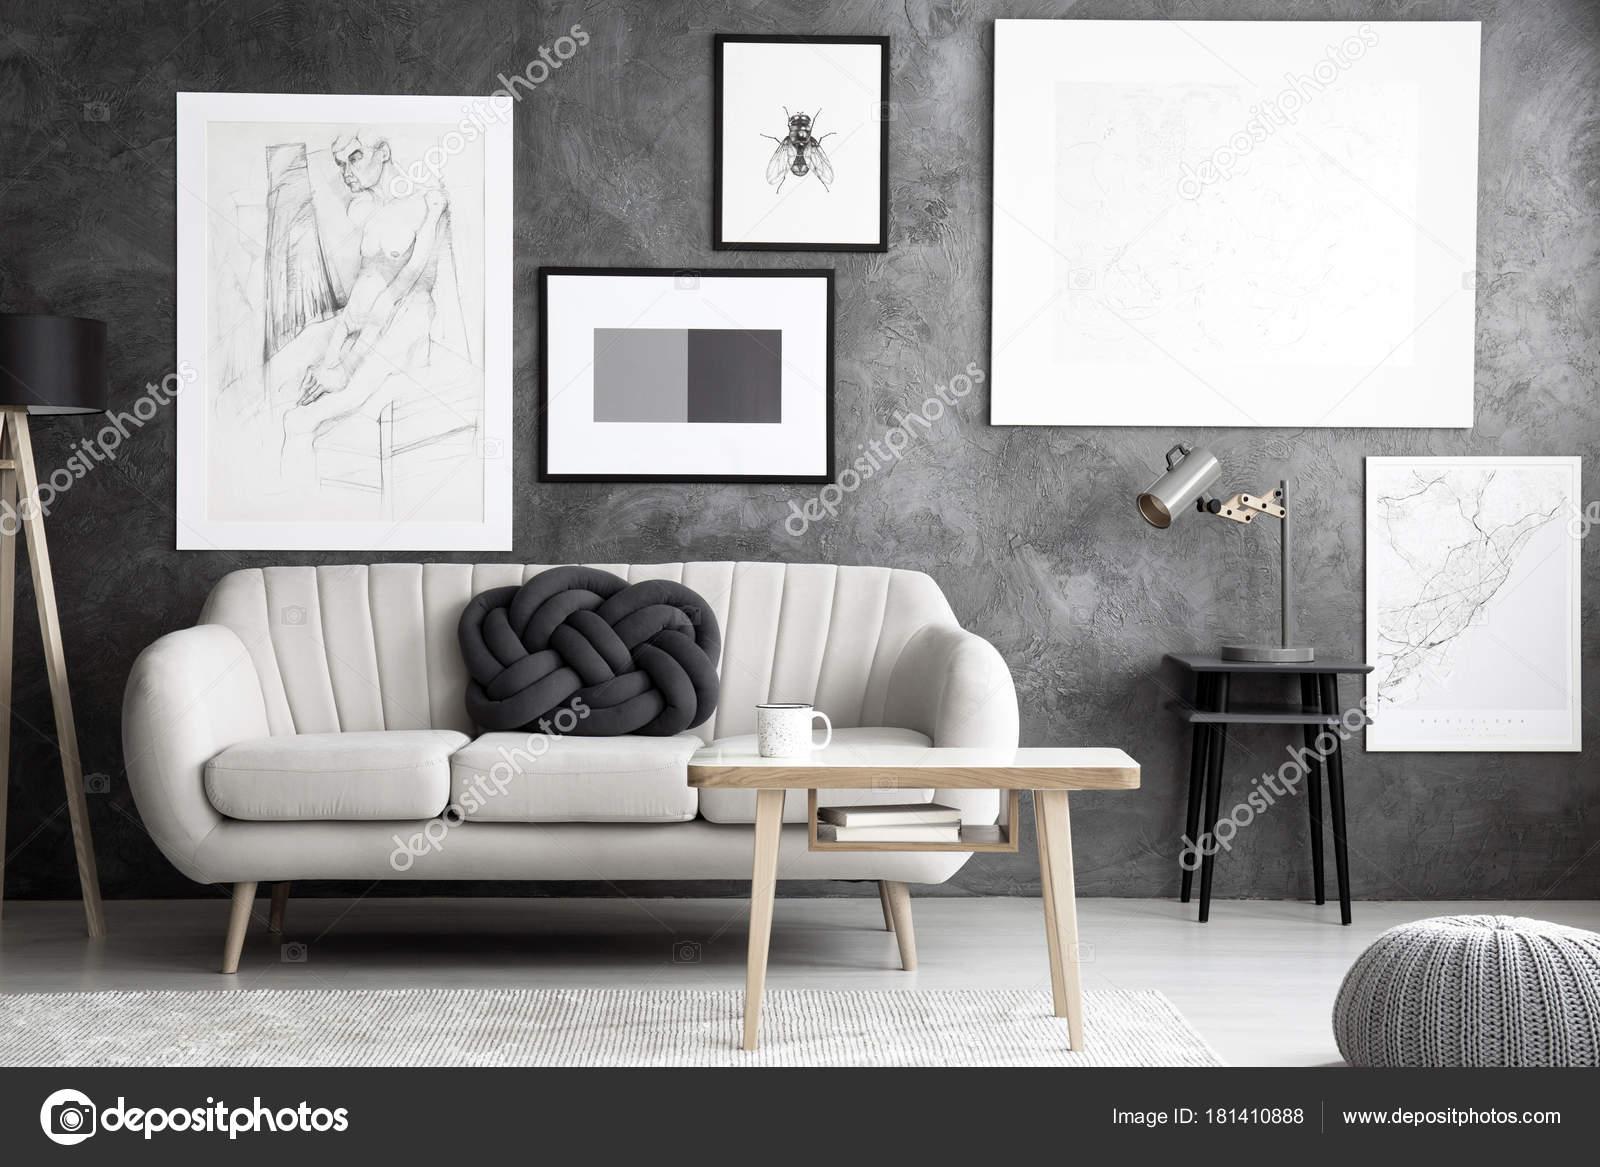 lamp op kruk naast beige sofa met knoop kussen in grijs woonkamer interieur met houten tafel foto van photographeeeu